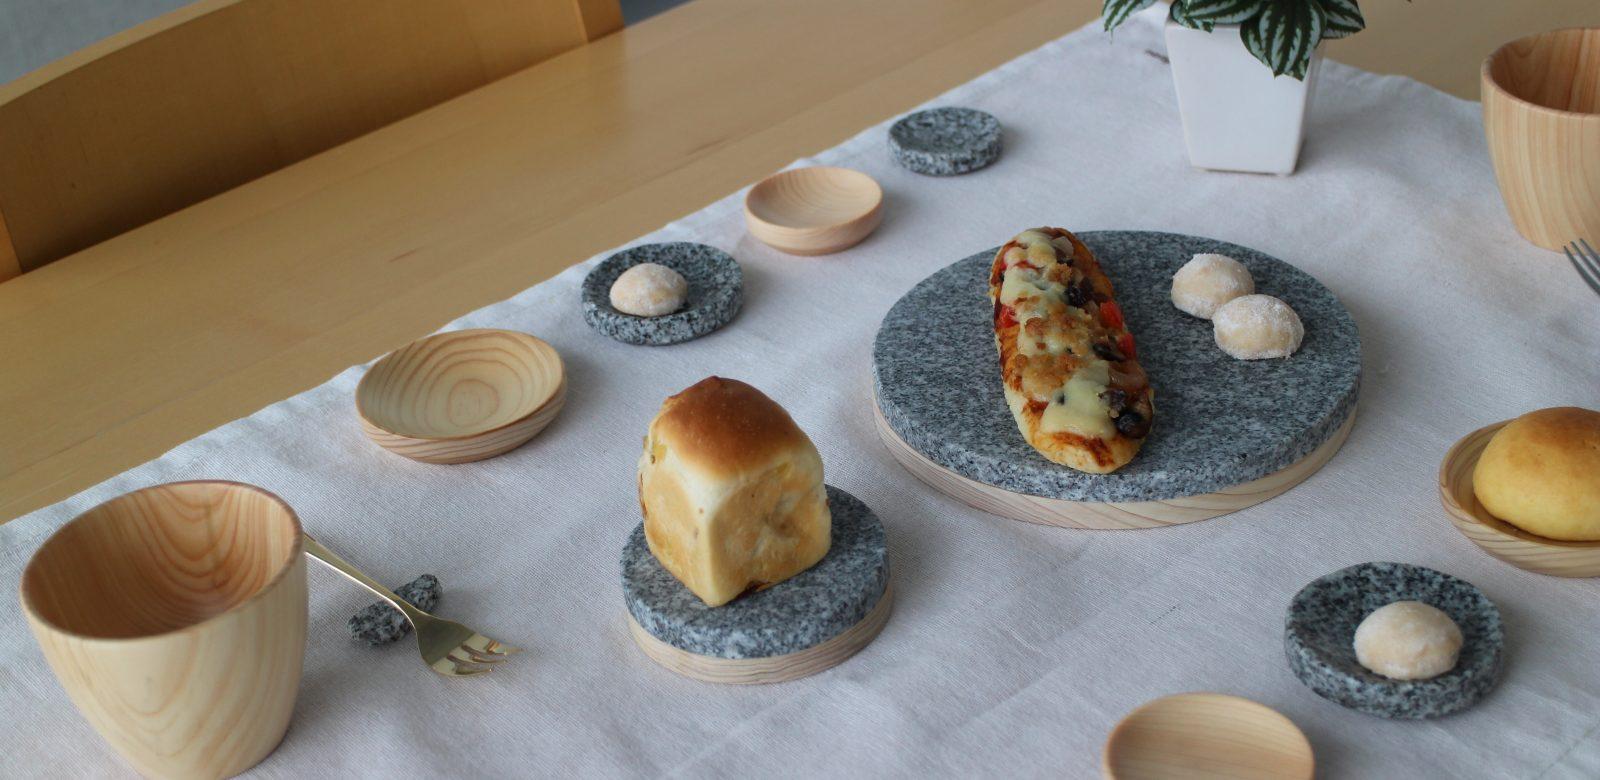 大島石、媛ひのき テーブル風景